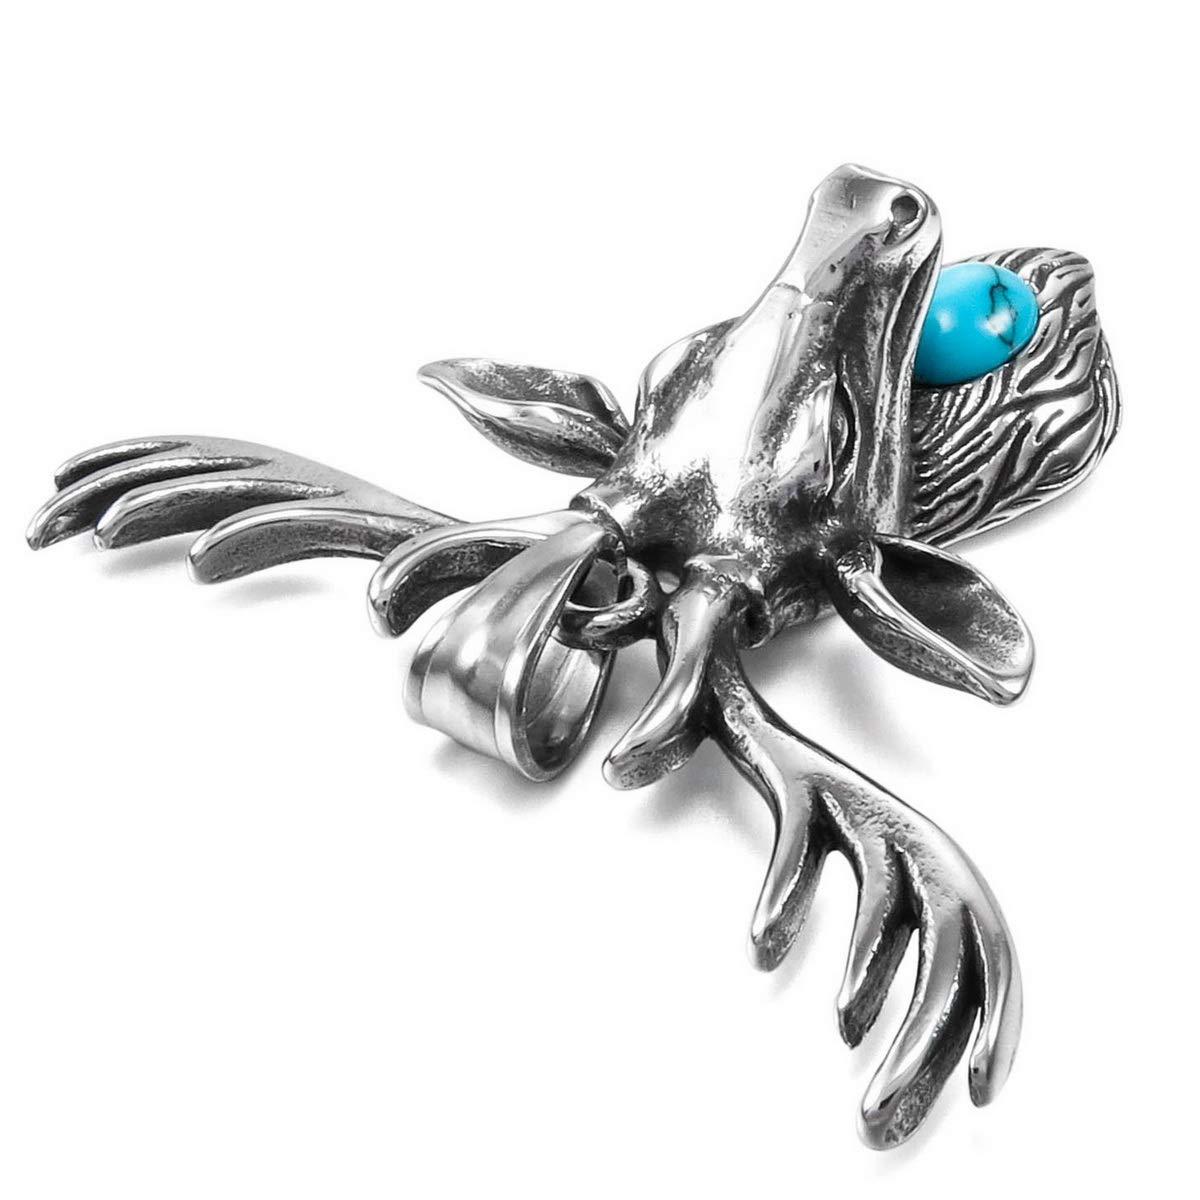 bdfc14752f87 Cupimatch Herren Edelstahl Halskette Gothic Stil mit Drache Anhänger 55cm  Junge Kette, Silber CU-